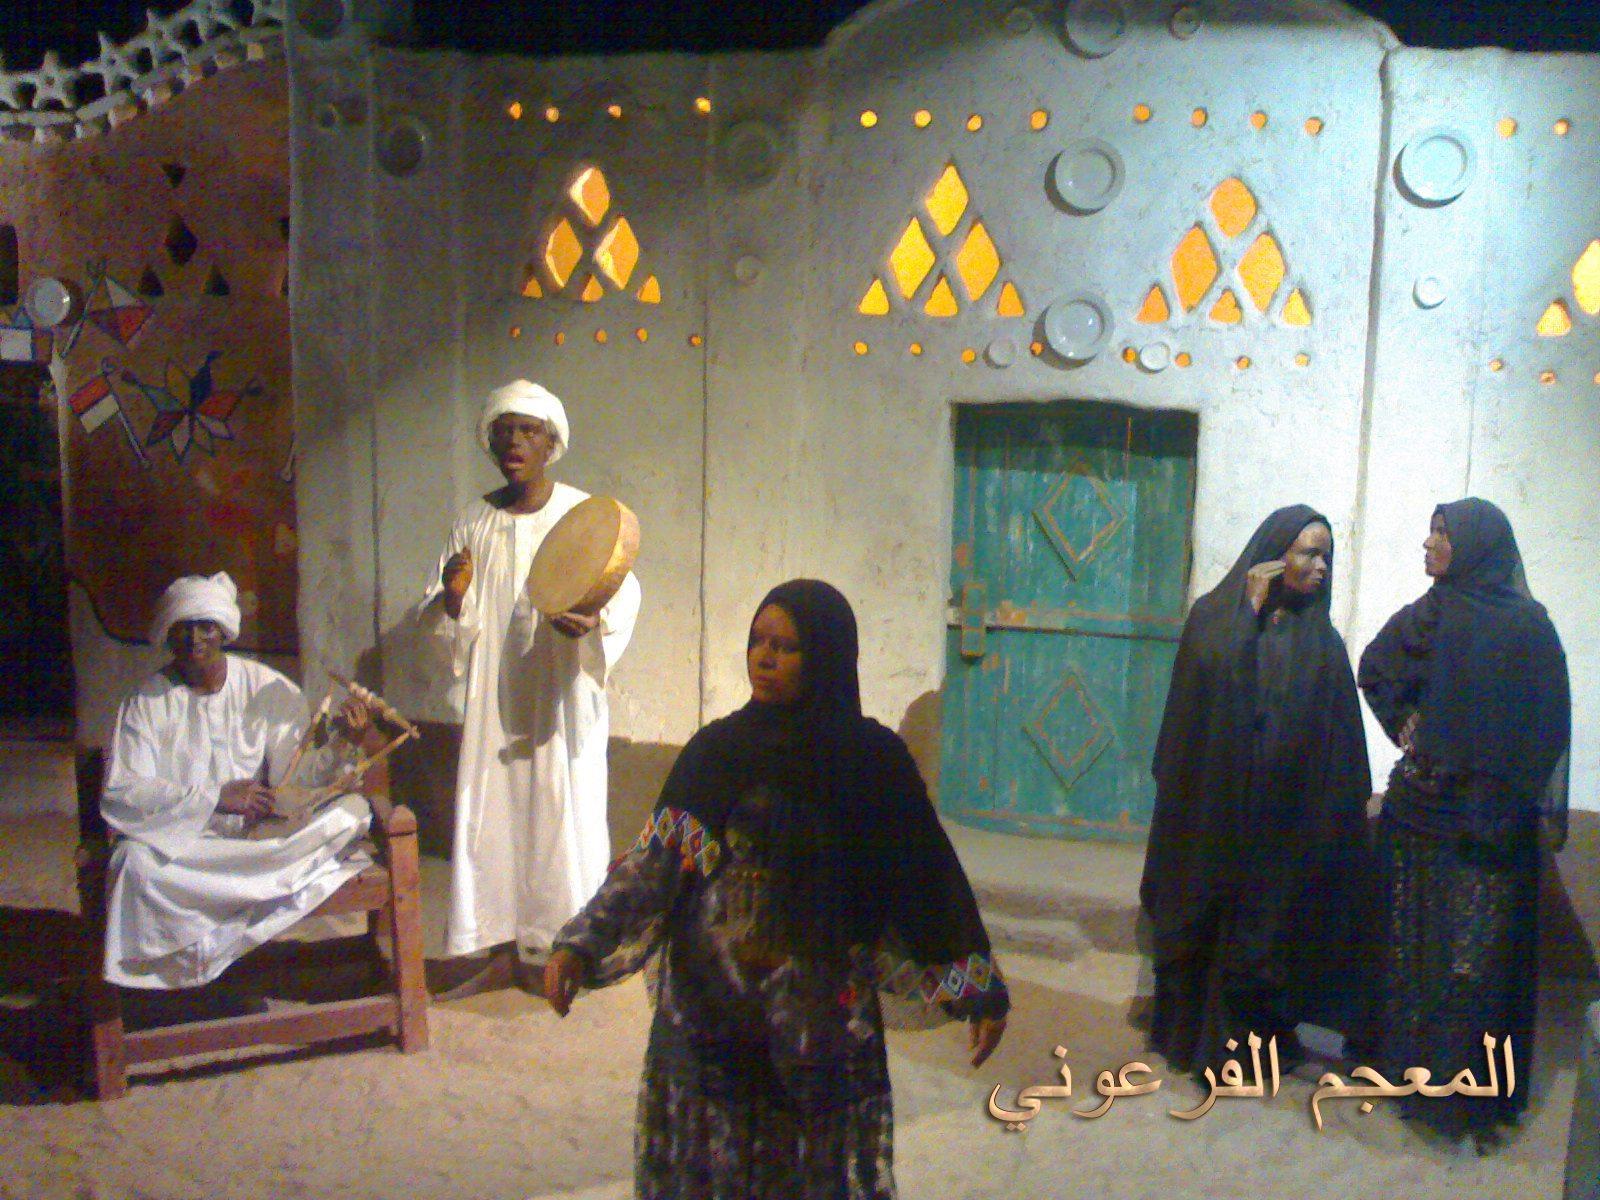 الروعه والجمال داخل متحف الشمع مصر | اكتشف جمال متحف الشمع فى مصر